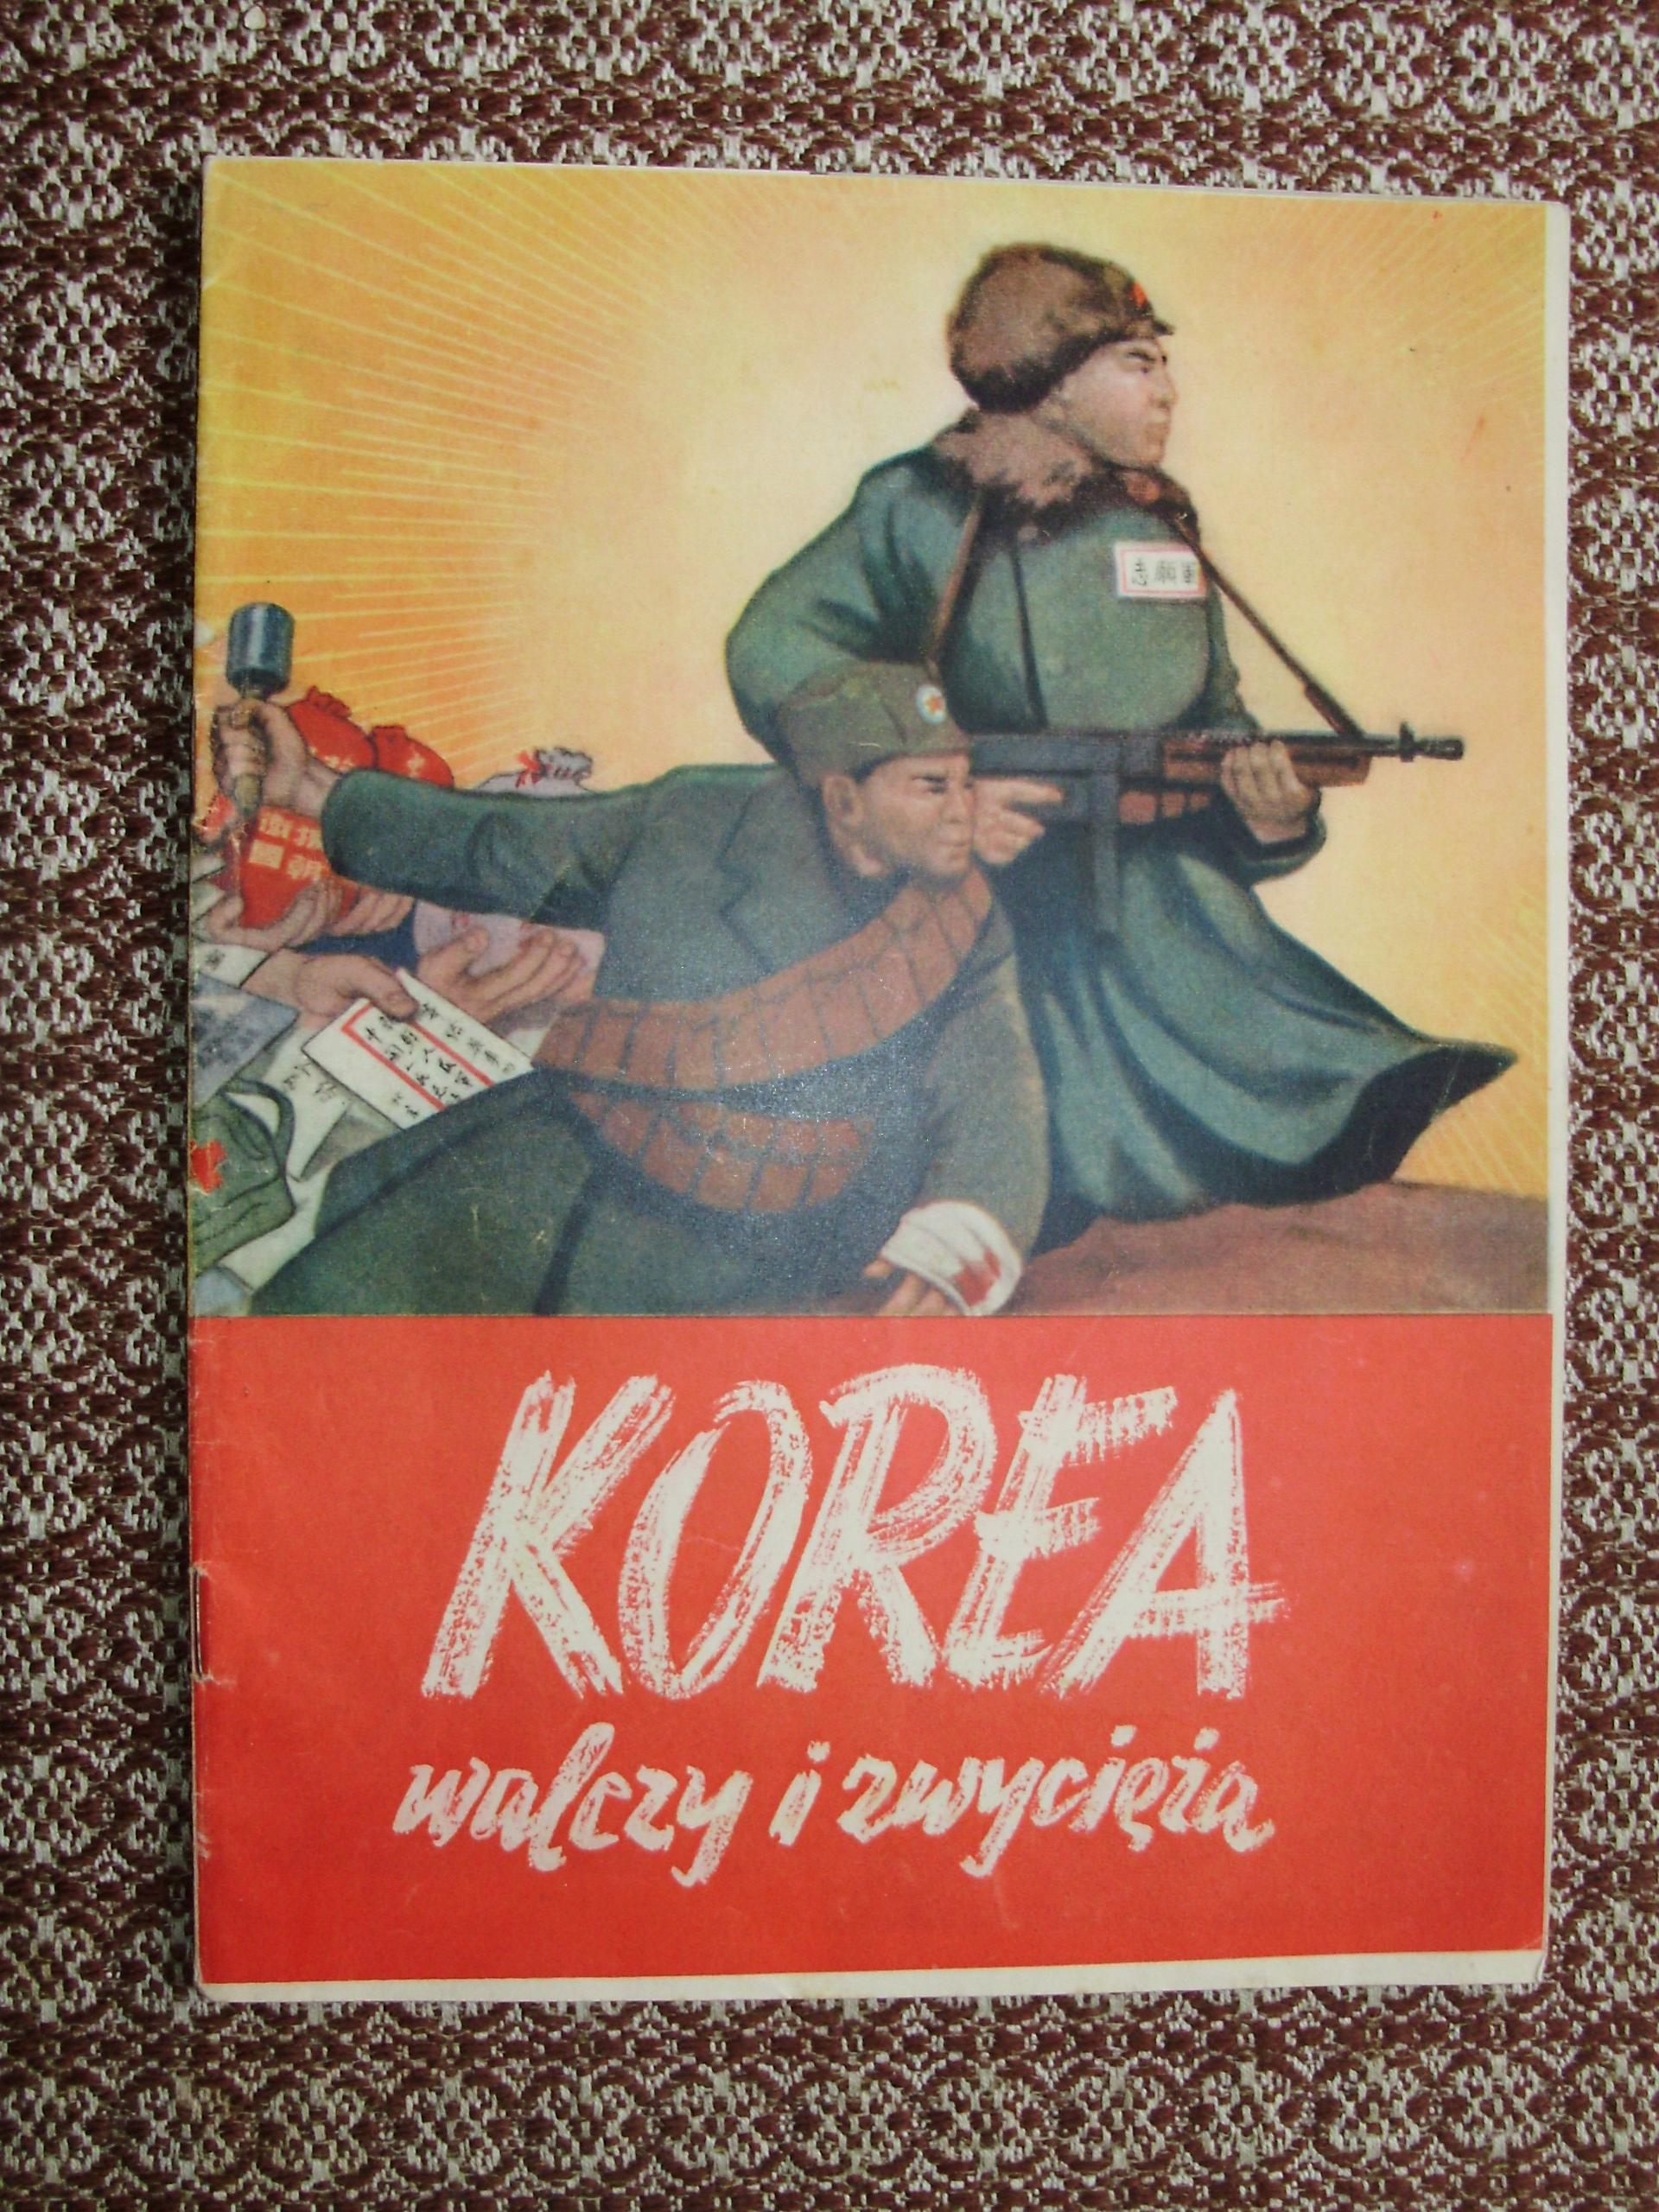 Korea walczy - Biuletyn propagandowy 1952 r